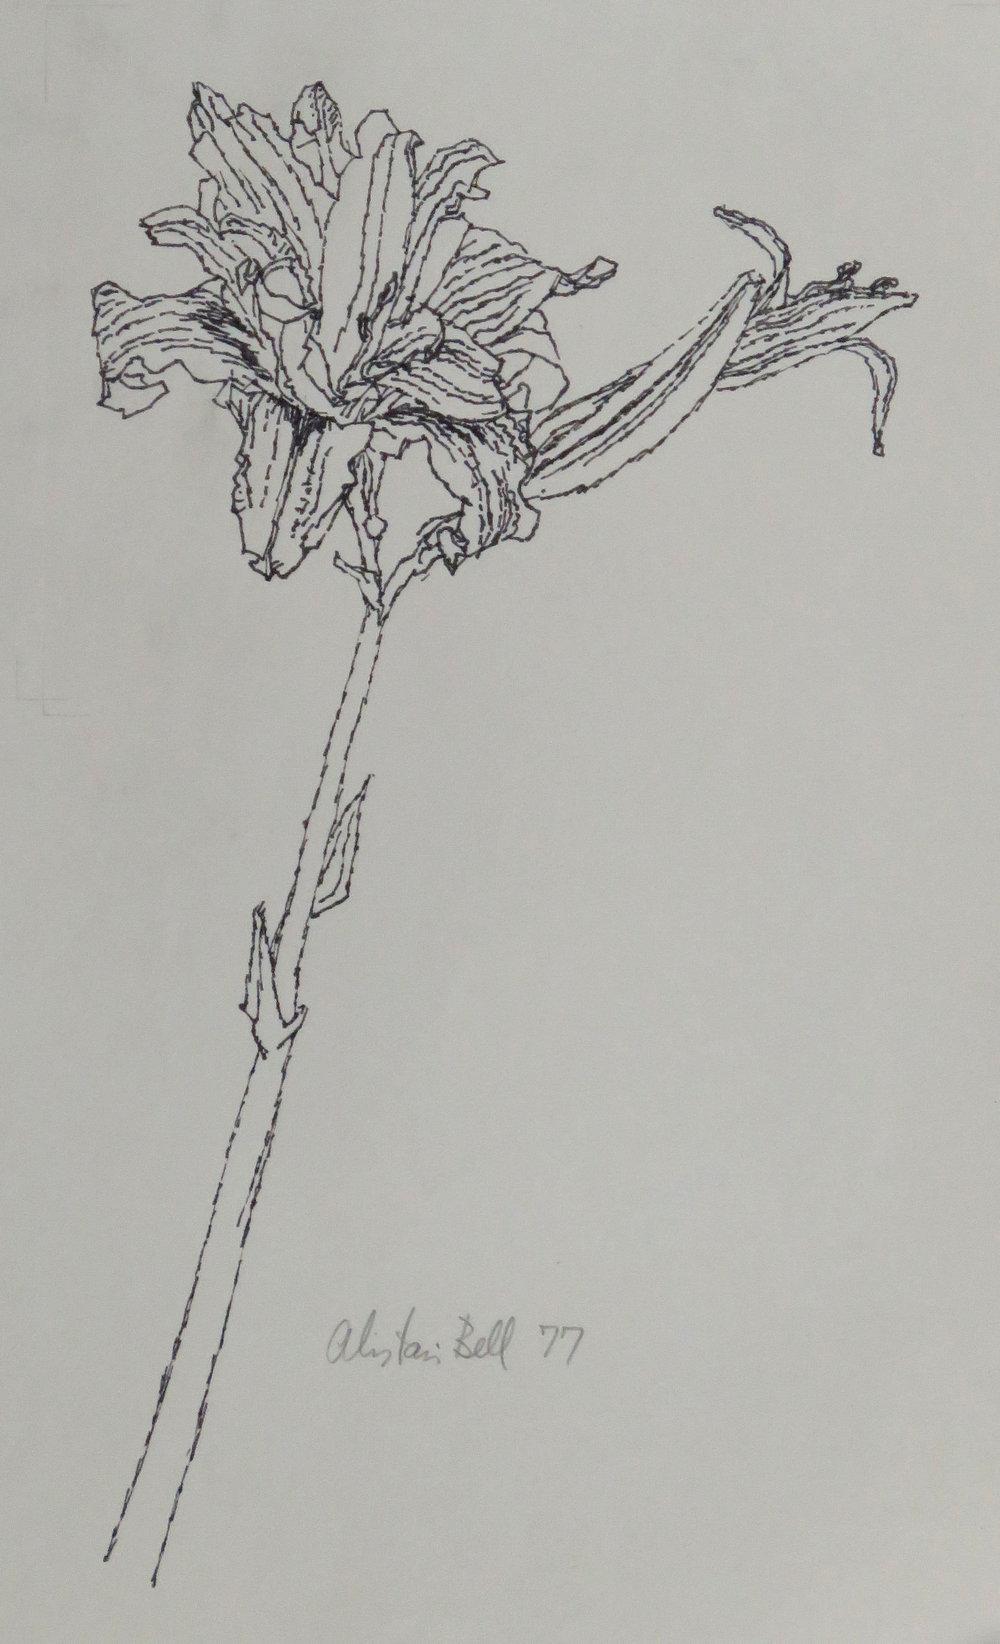 Day Lily 20-77 ink.JPG